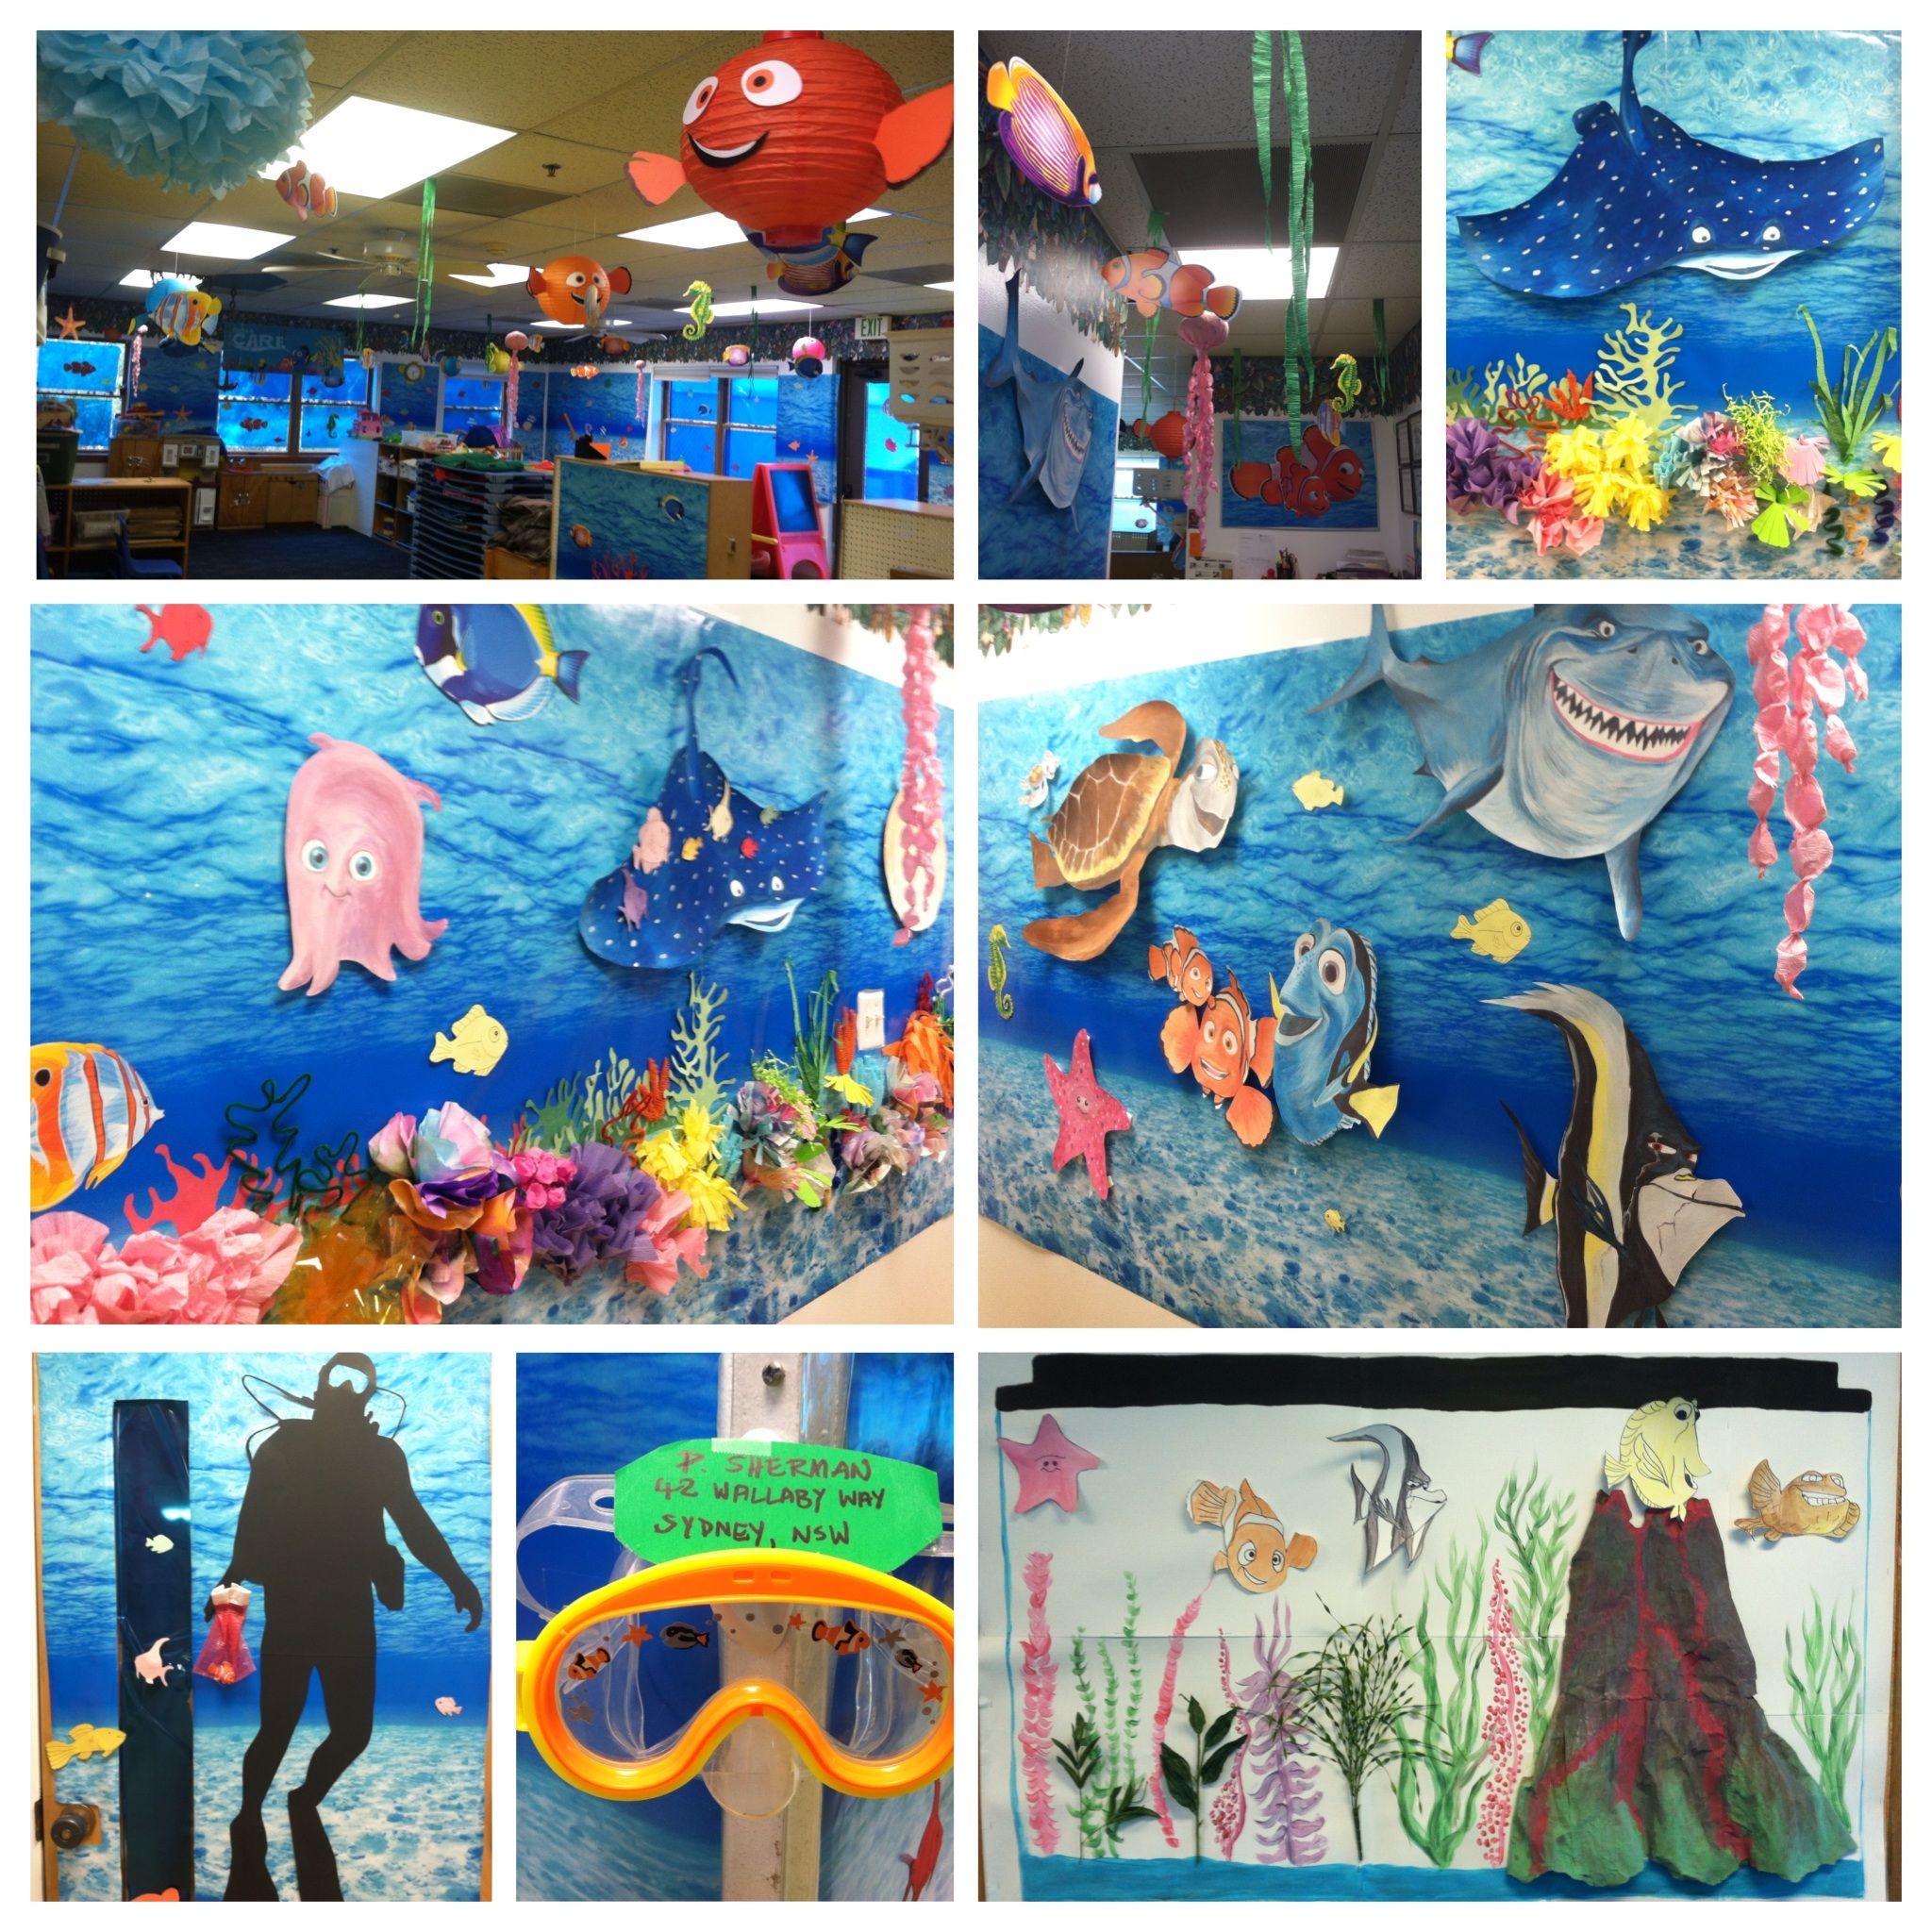 Disney S Finding Nemo Underwater Themed Preschool Room